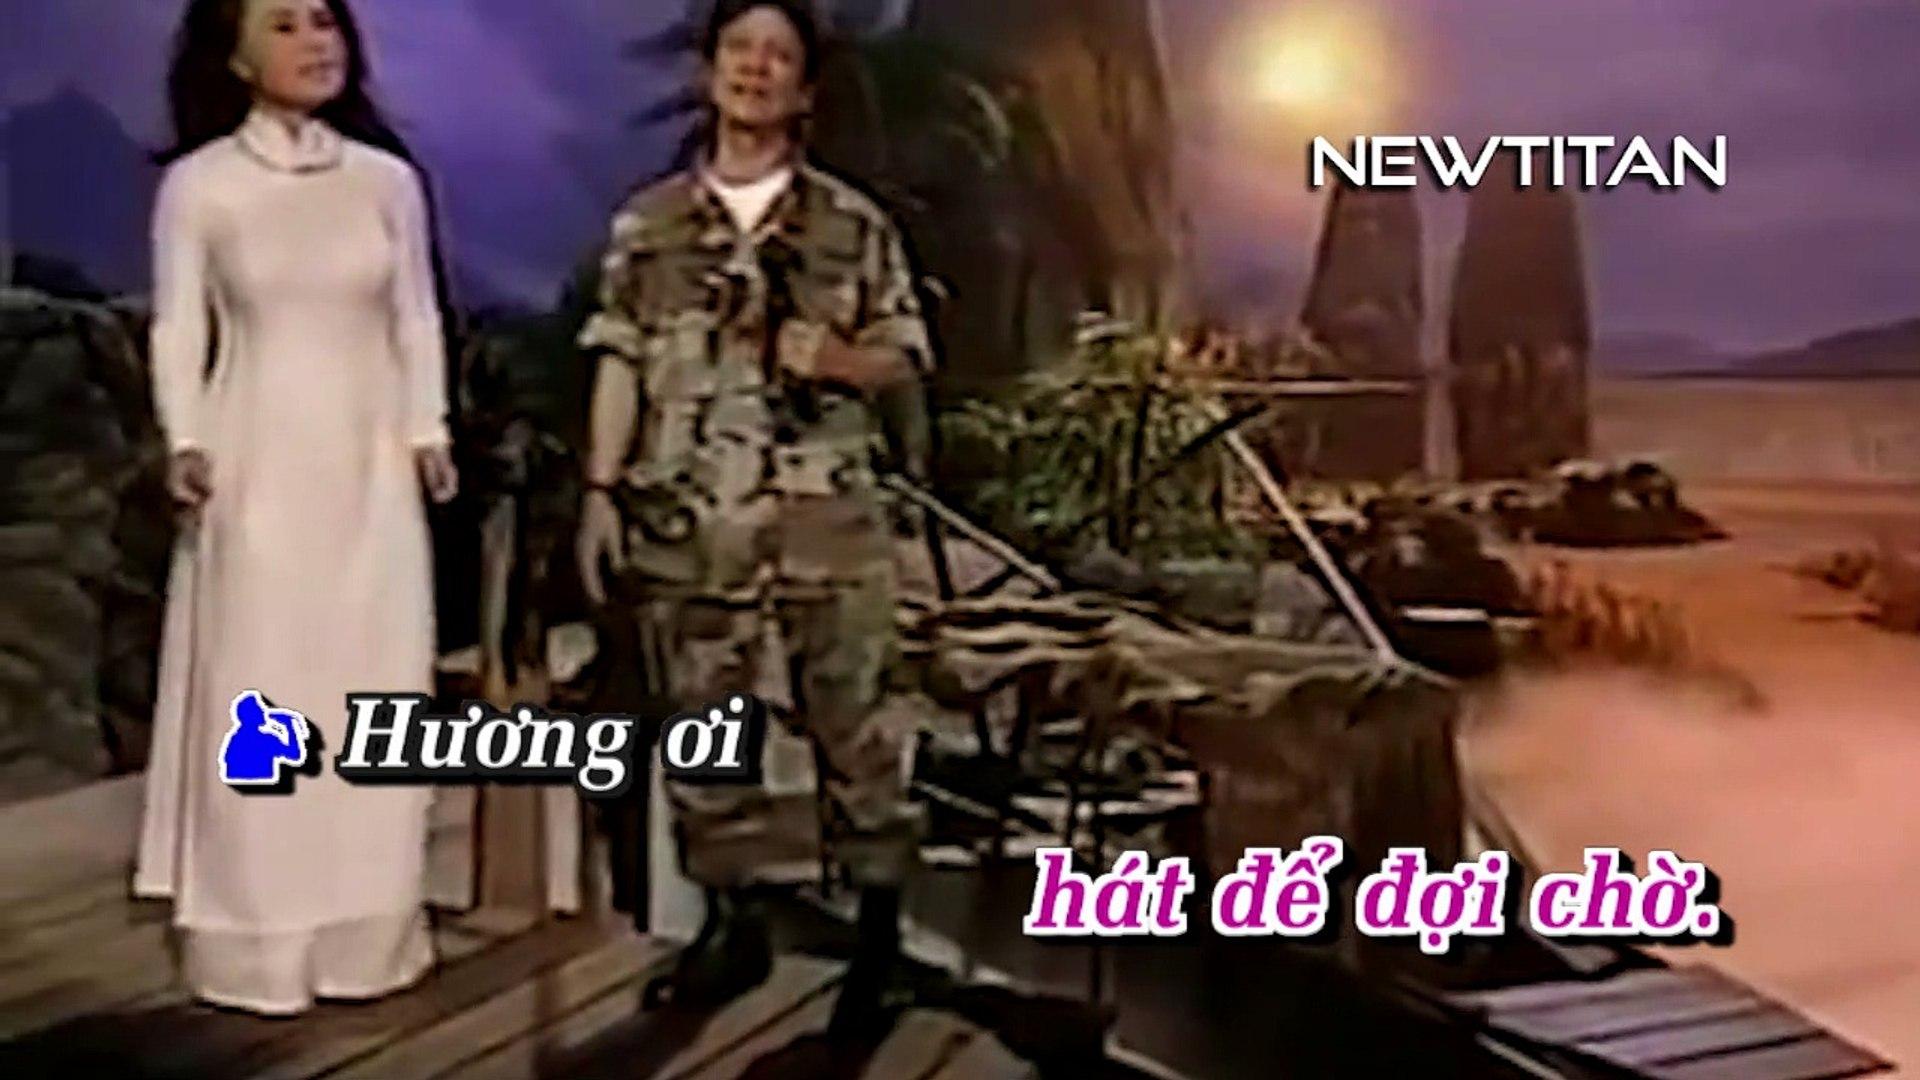 [Karaoke] Bài Hương Ca Vô Tận - Chế Linh Ft. Thanh Tuyền [Beat]